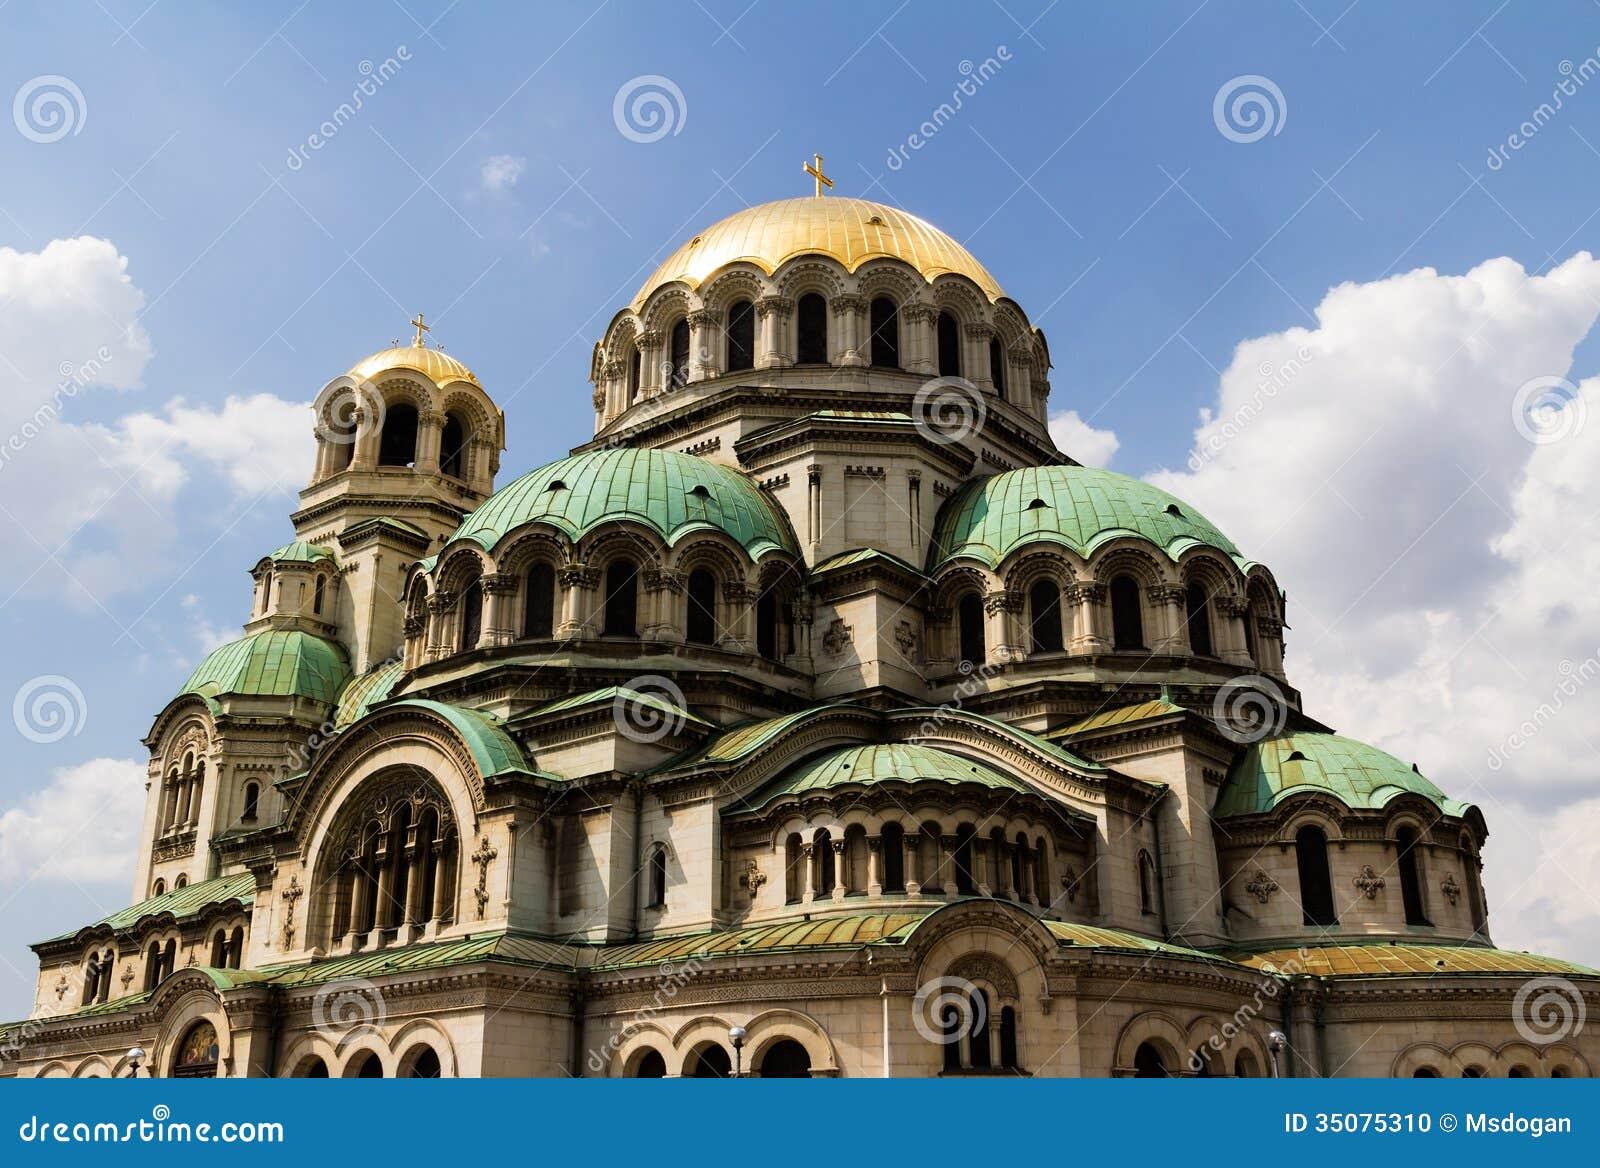 涅夫斯基大教堂是保加利亚正统大教堂在索非亚,保加利亚的首都.图片